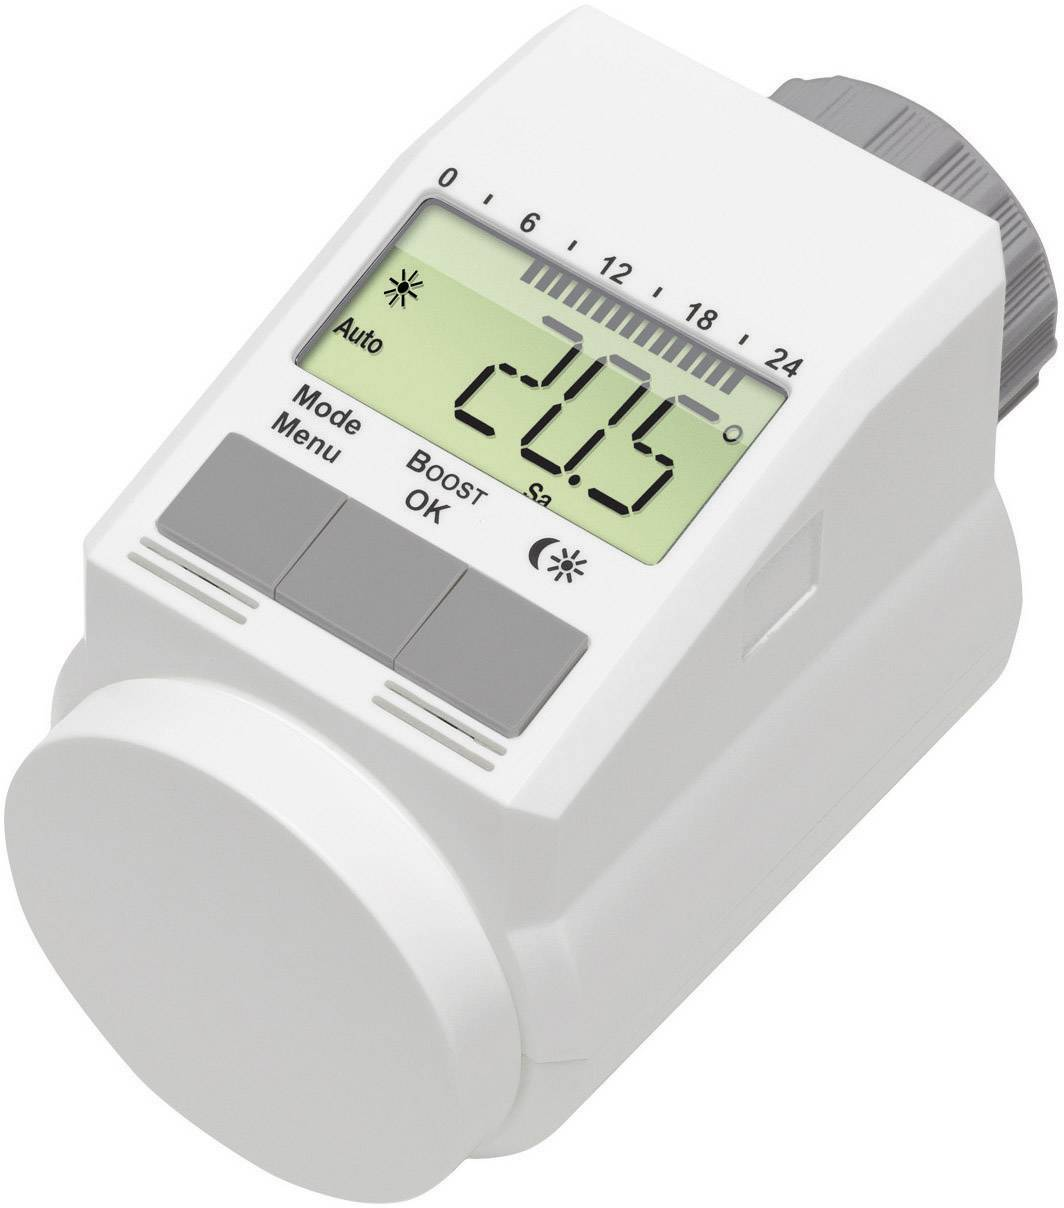 Programovateľné termostatické hlavice